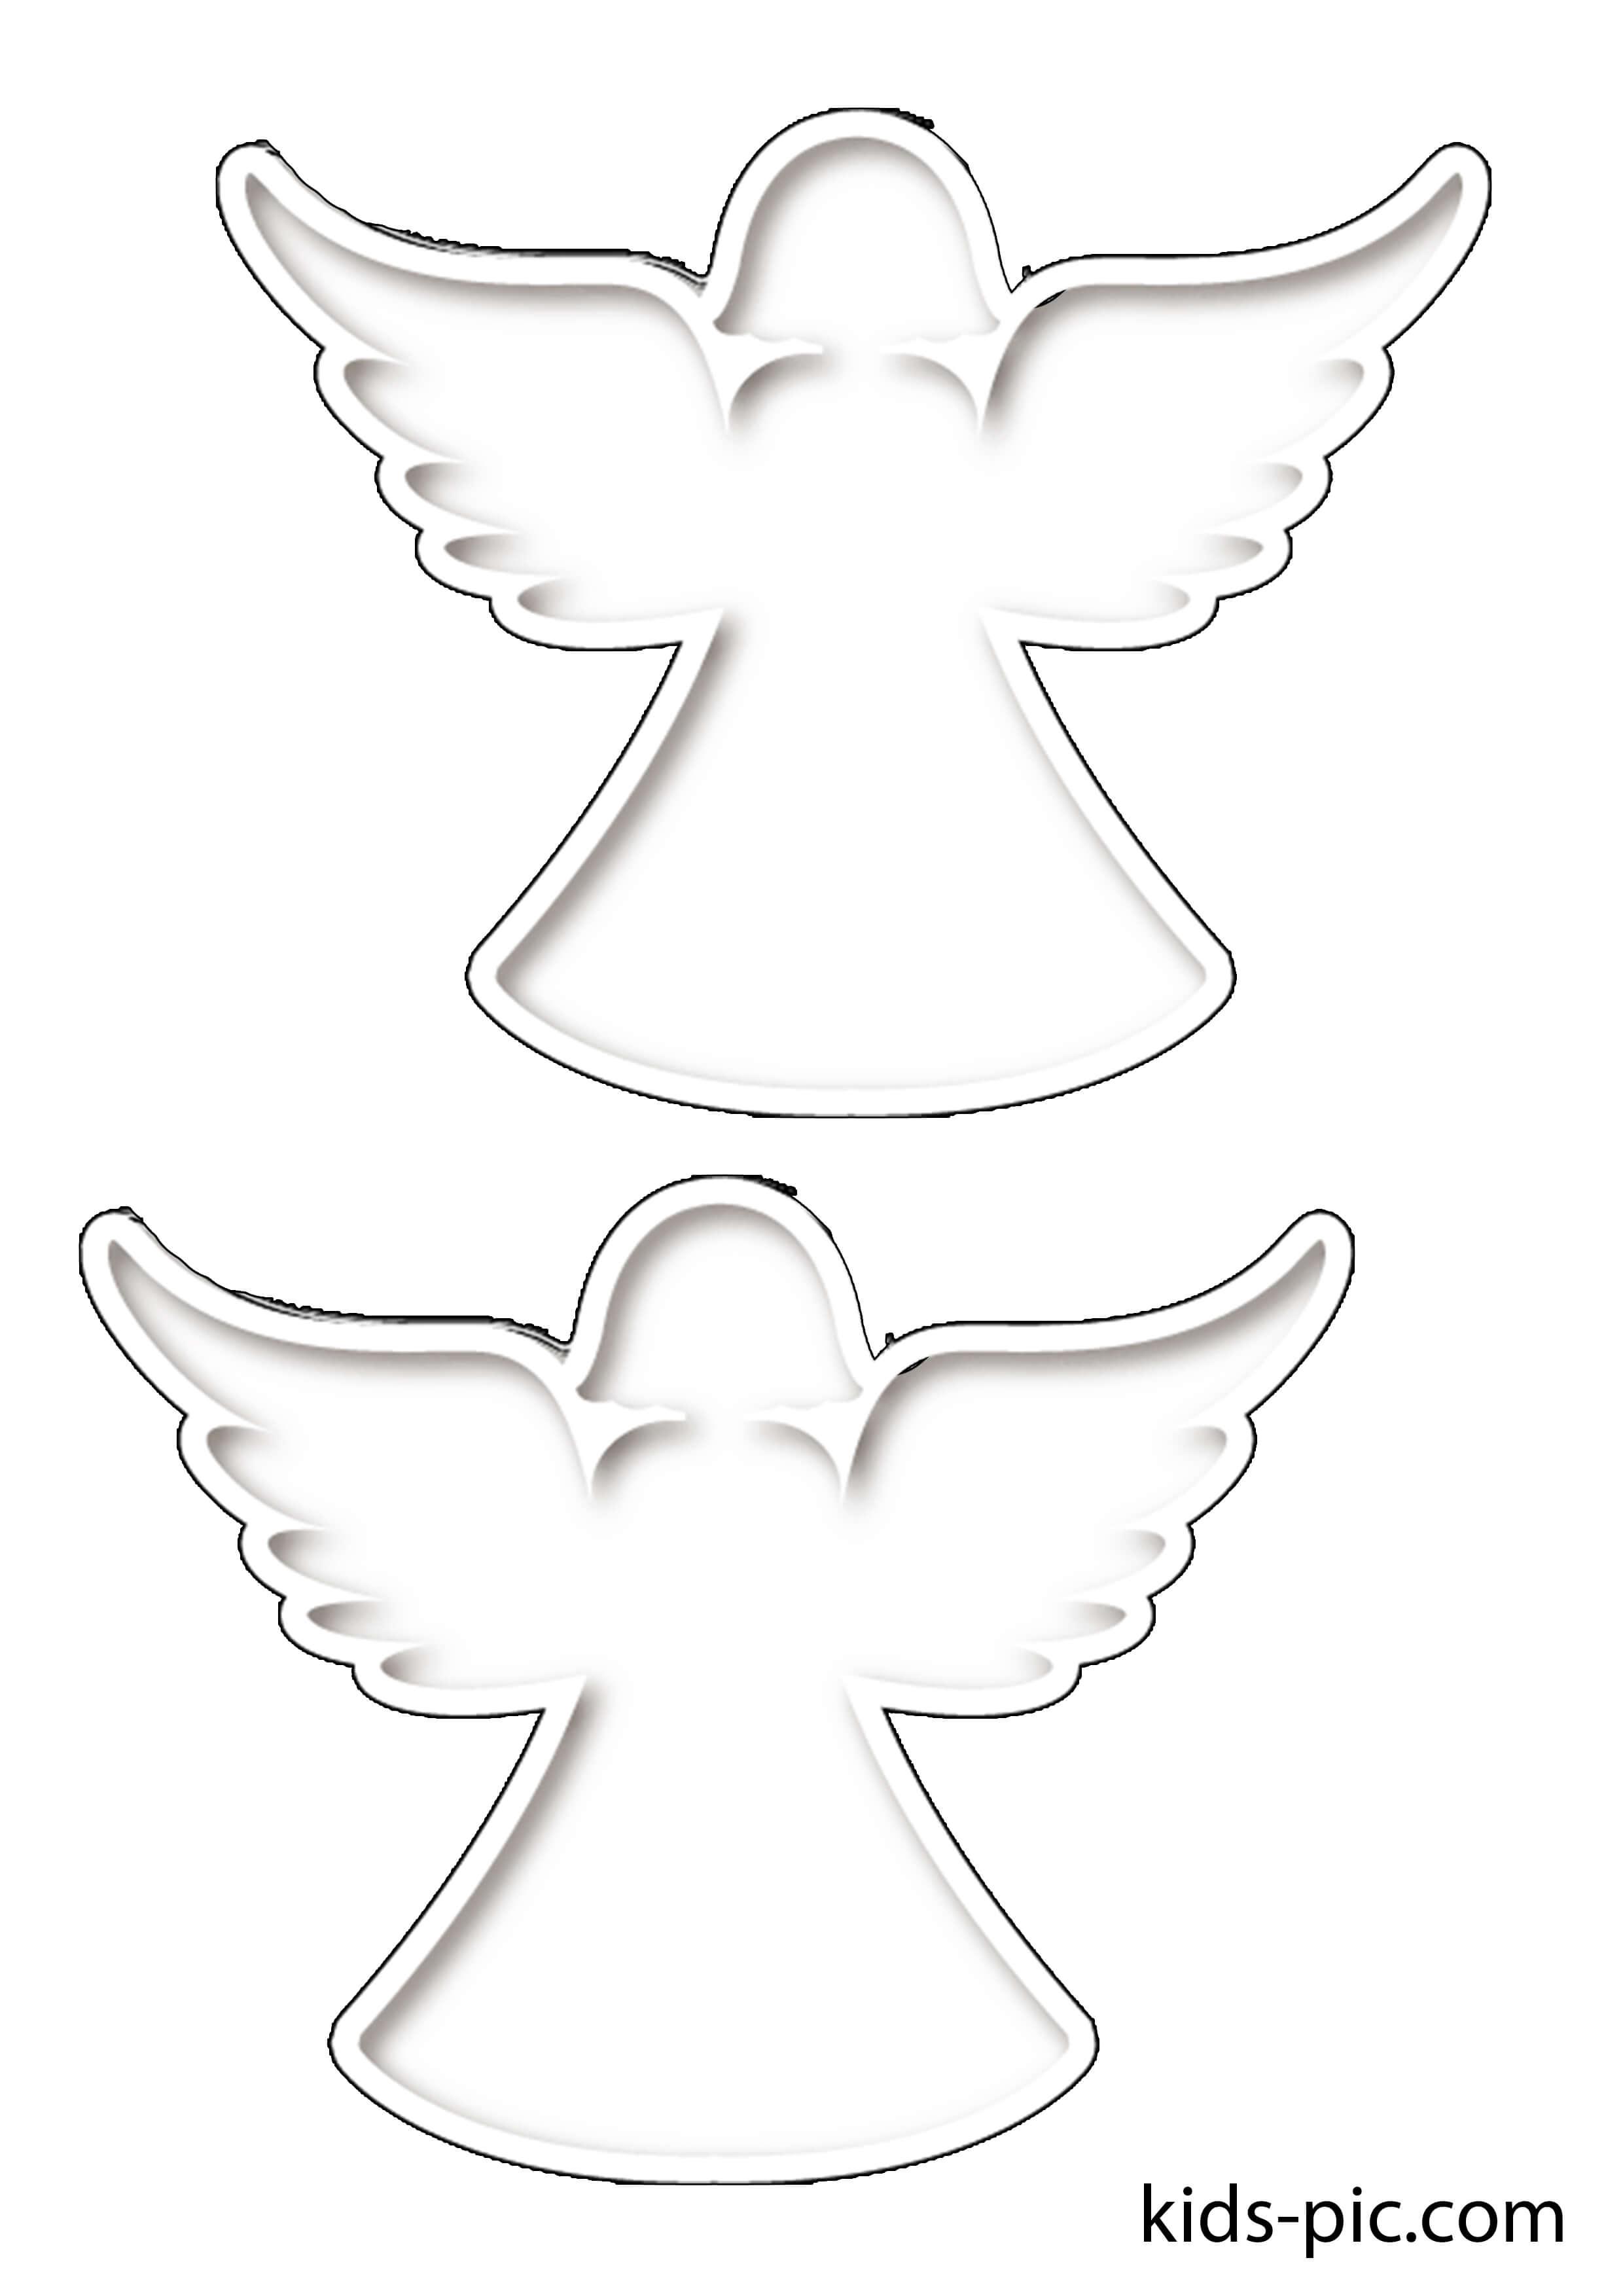 более простой контур ангел картинки сборных групп сопровождающие